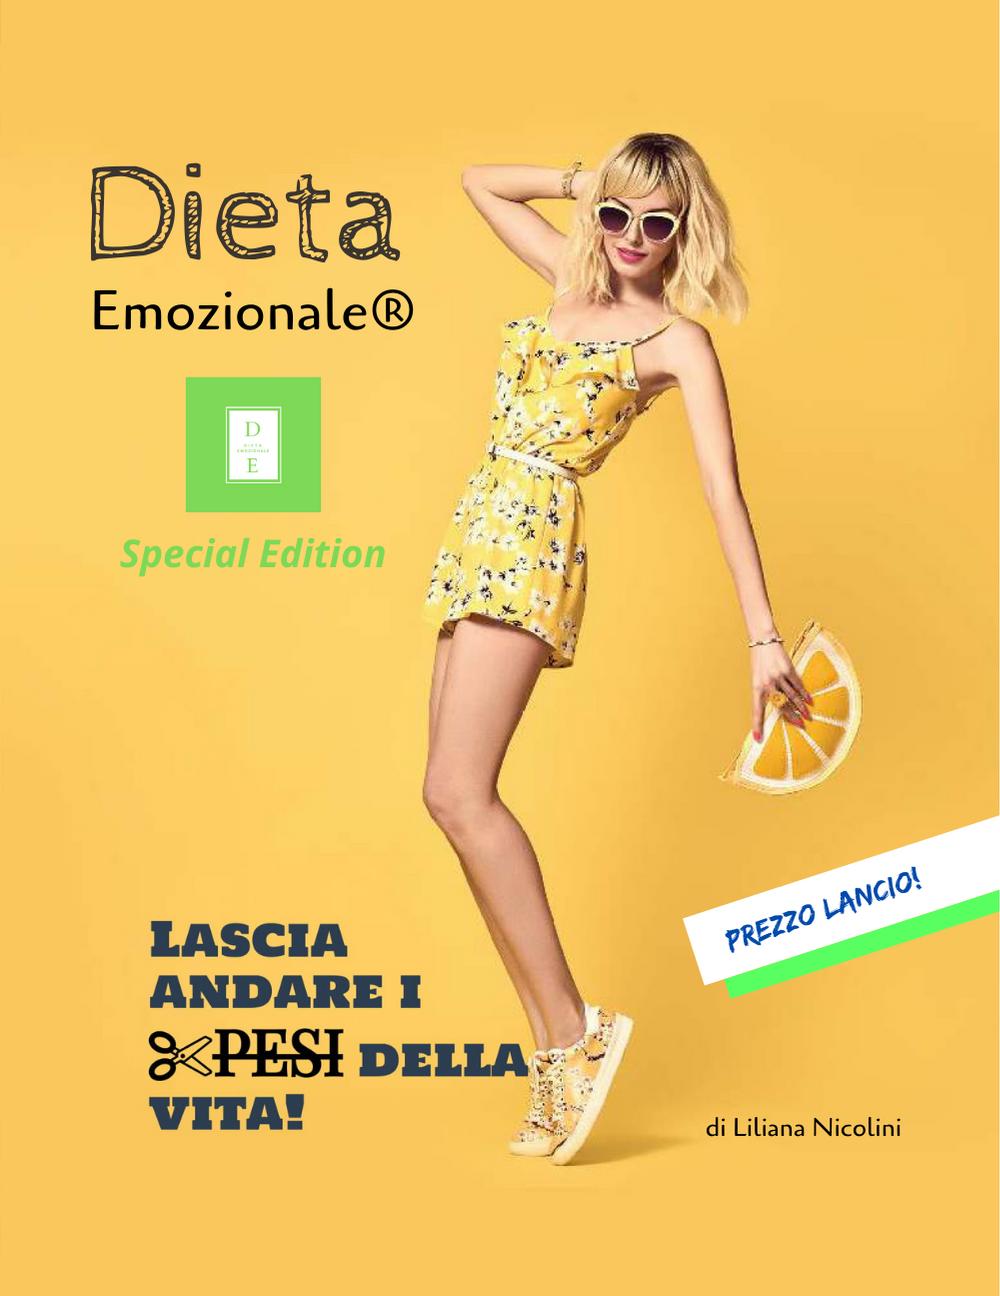 Dieta Emozionale® Lascia andare i pesi della vita di Liliana Nicolini